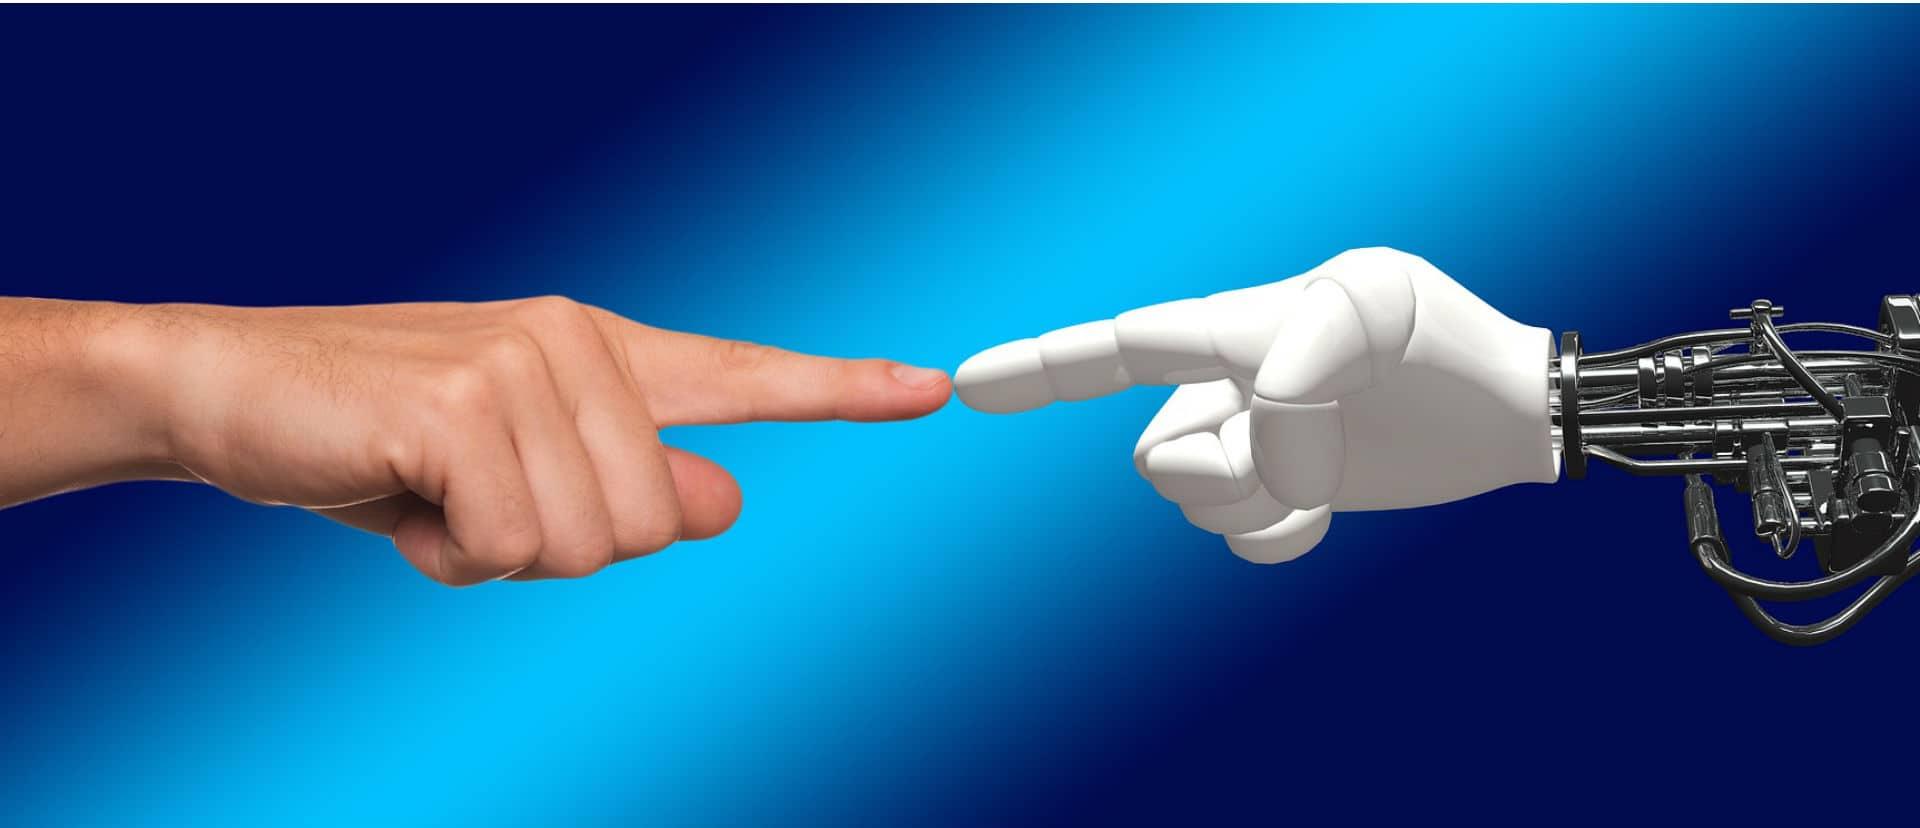 La Inteligencia Artificial como herramienta para potenciar el emprendimiento